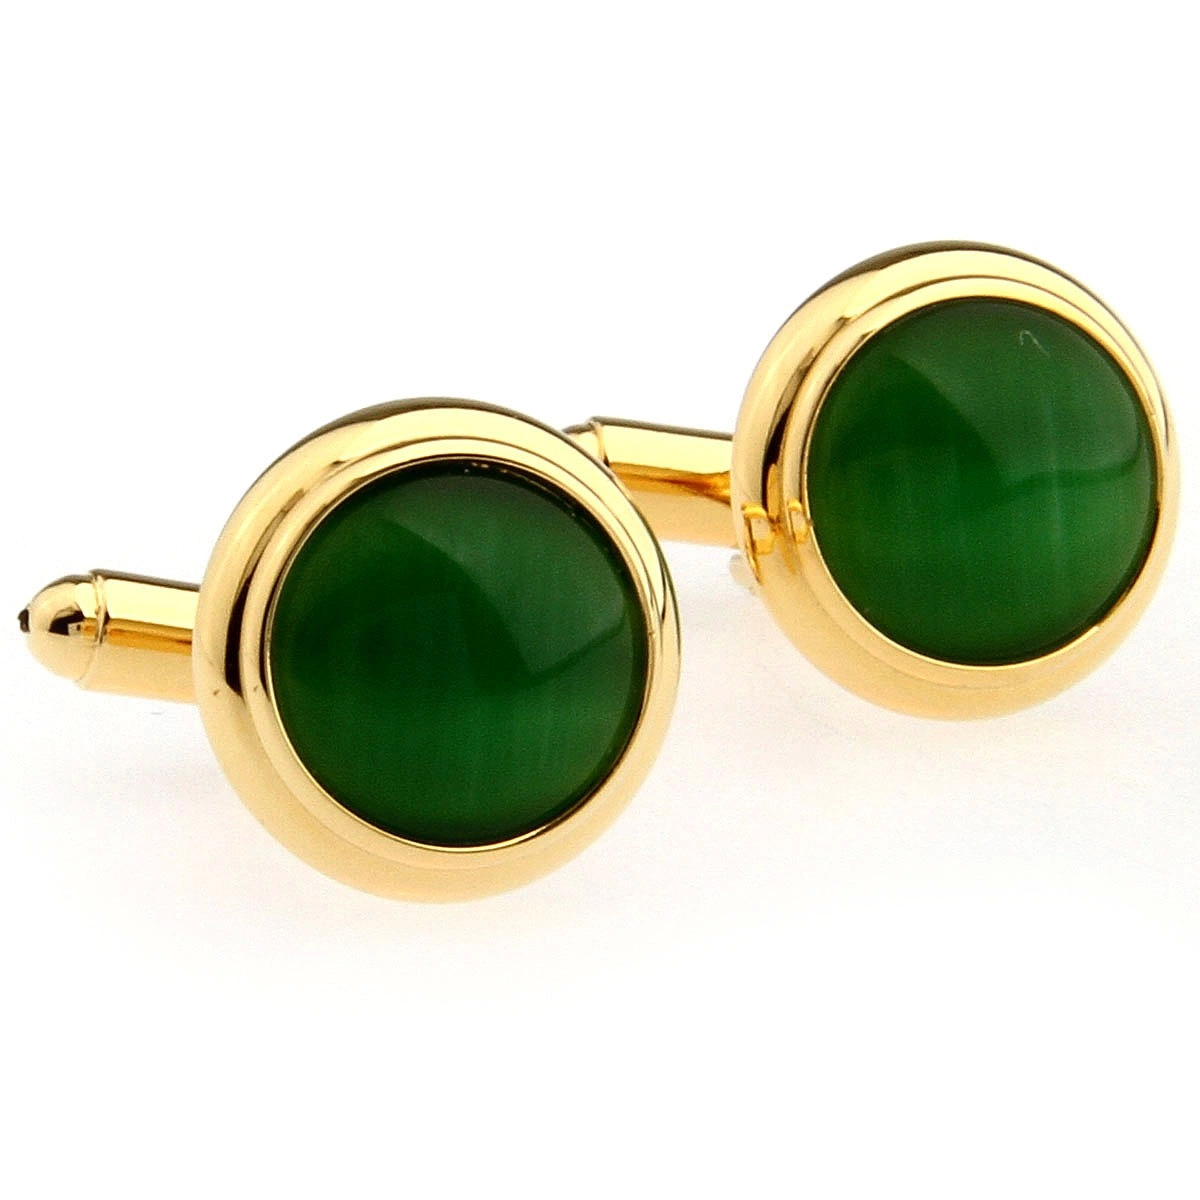 На фото: ювелирные изделия - запонки из камня зеленый опал.